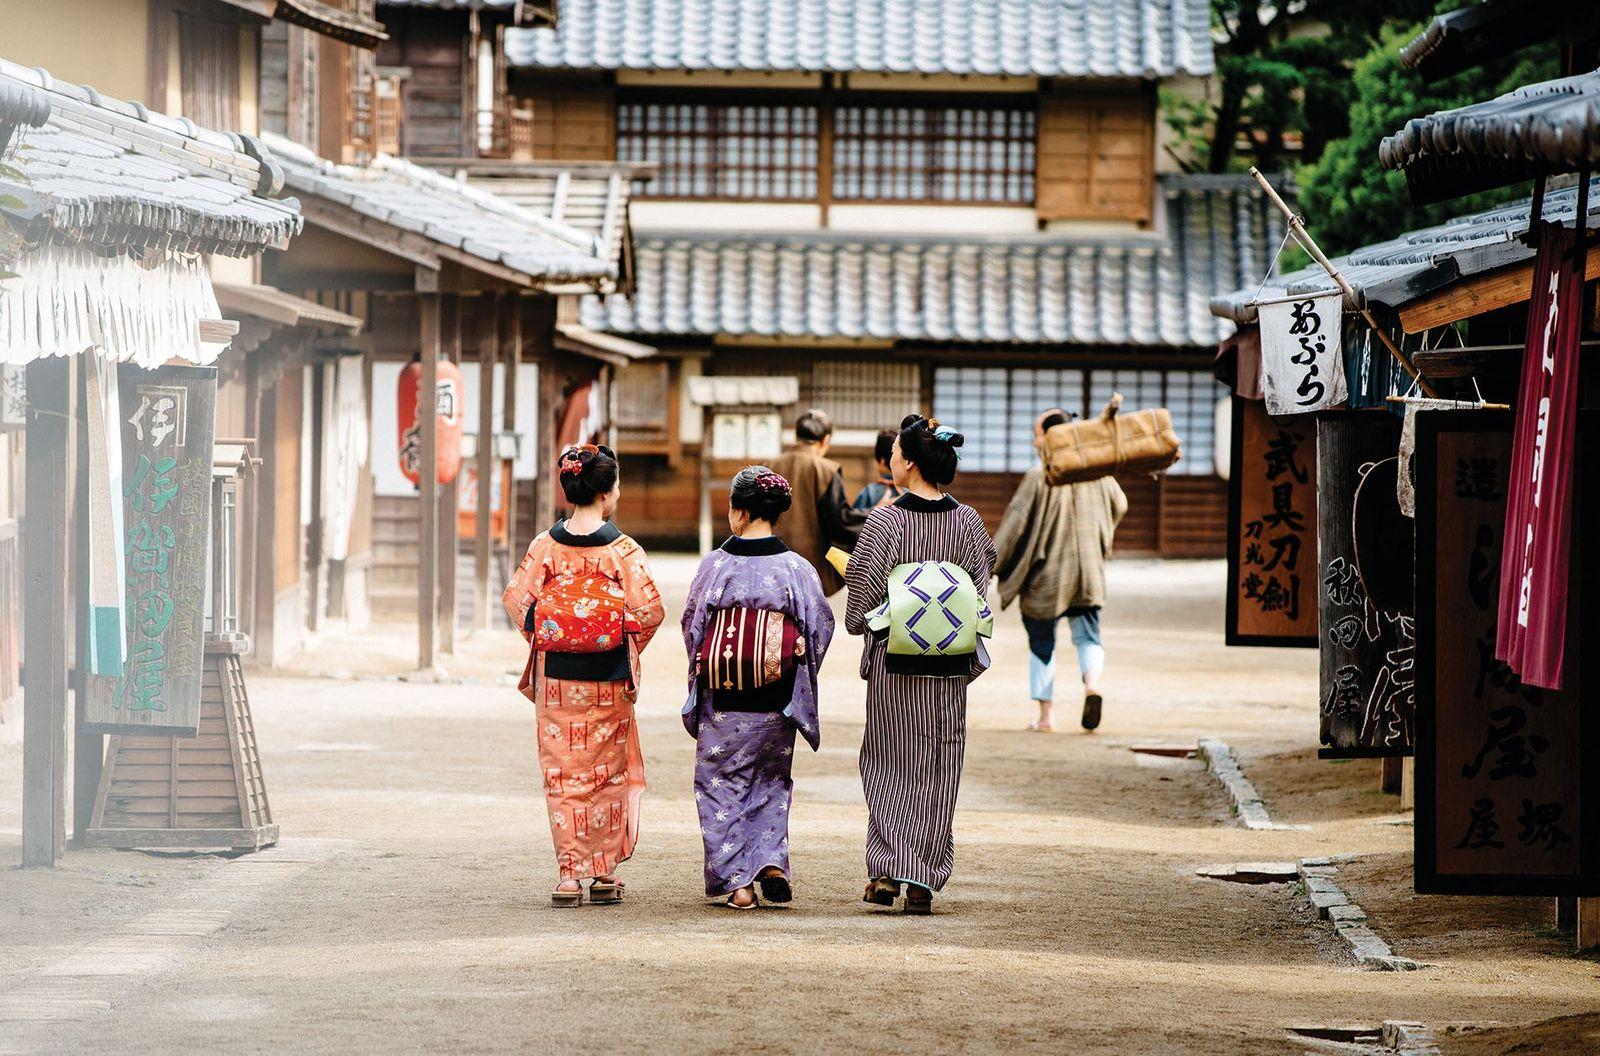 Geishas in Kyoto.